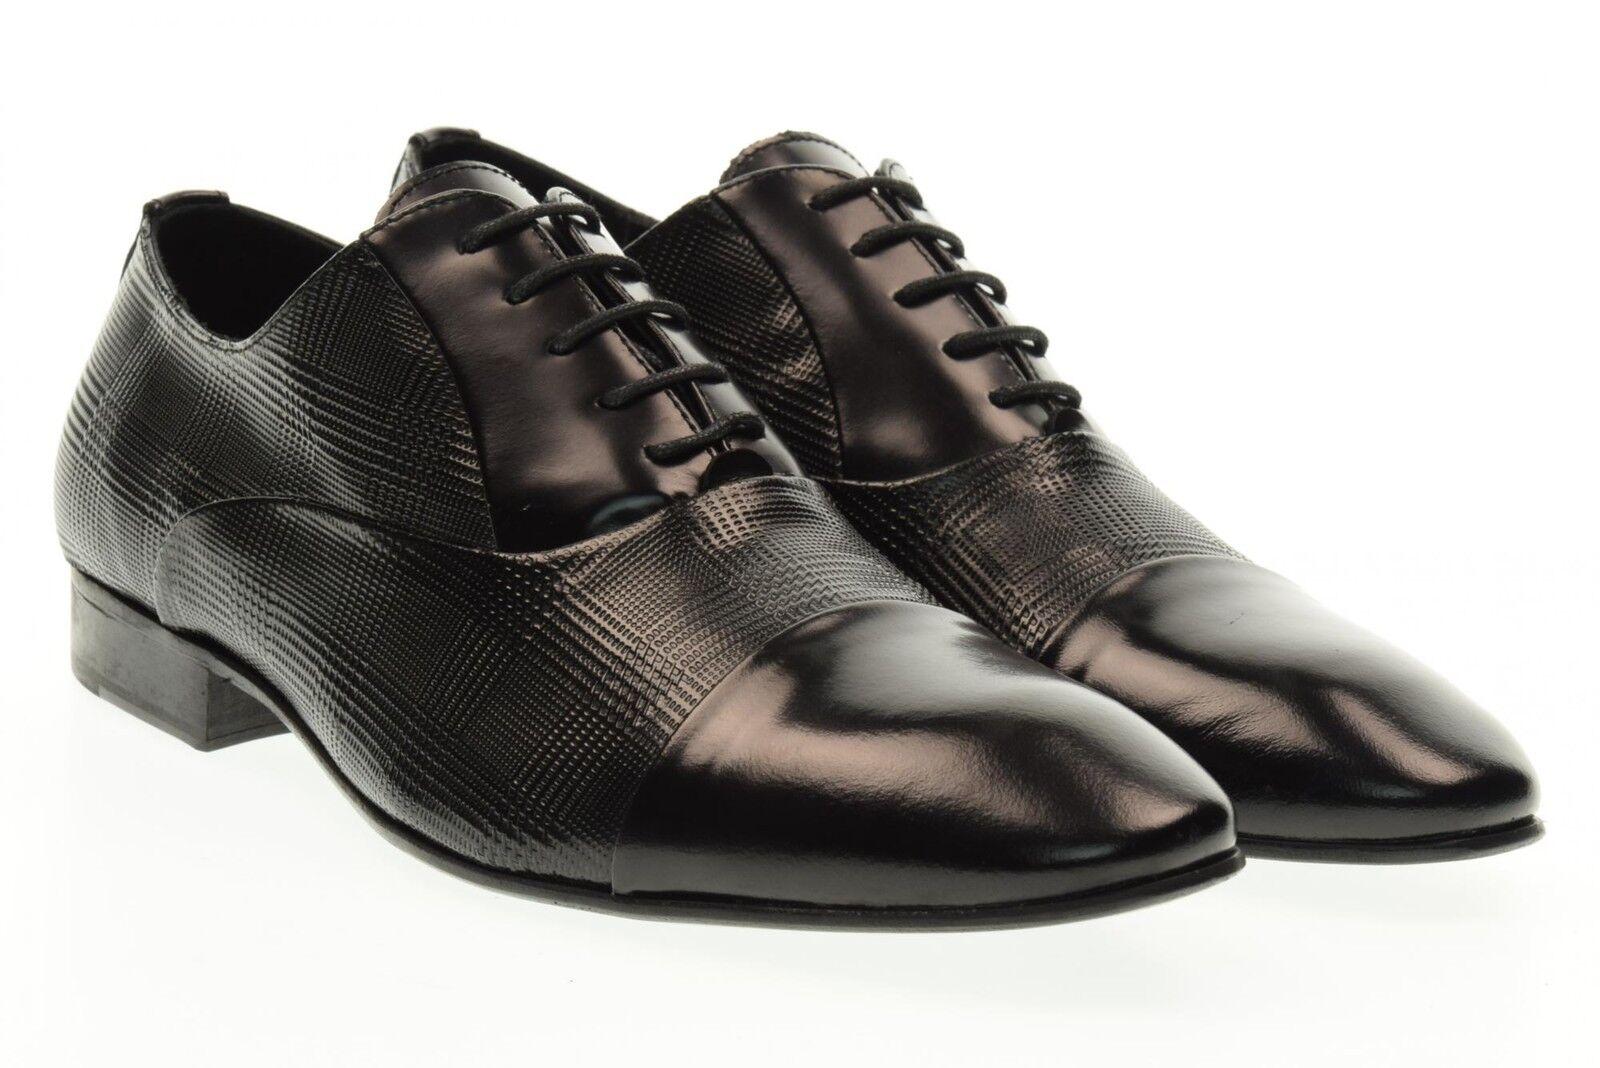 i nuovi stili più caldi Eveet scarpe uomo stringate 16500 NERO NERO NERO P17  con il prezzo economico per ottenere la migliore marca